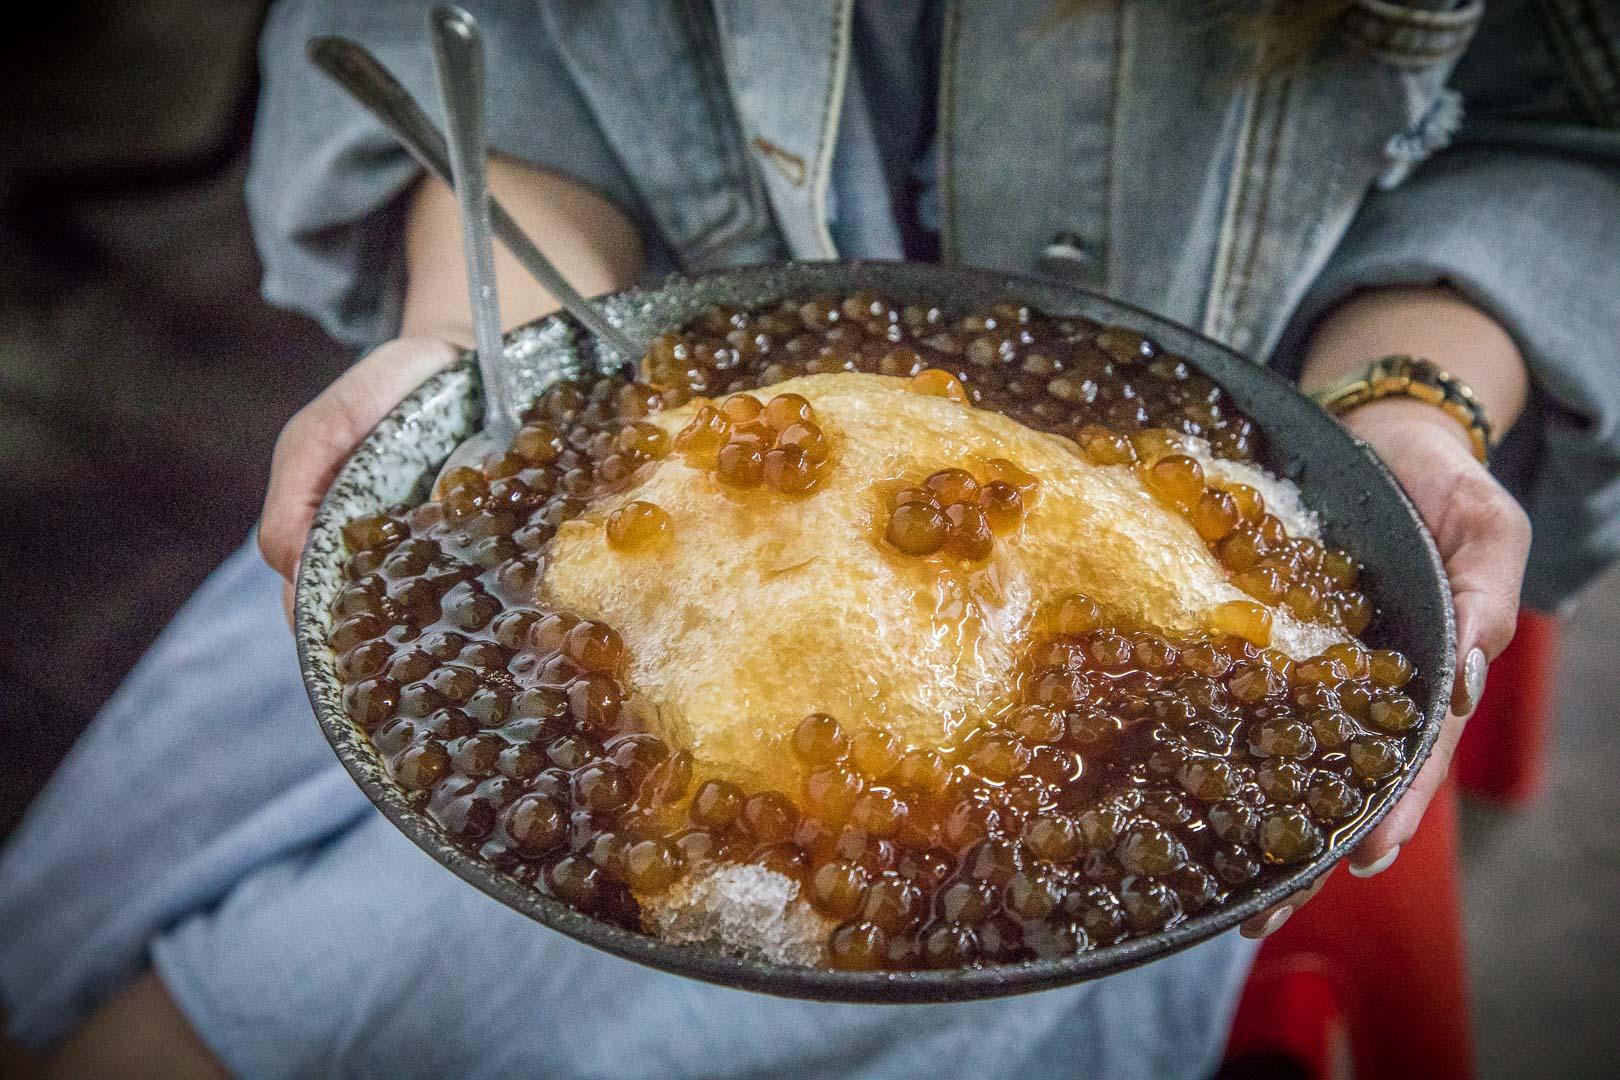 [冬山美食]冬山小可愛/這一碗要三個人吃吧!?超霸氣大碗公粉圓冰只要50元!